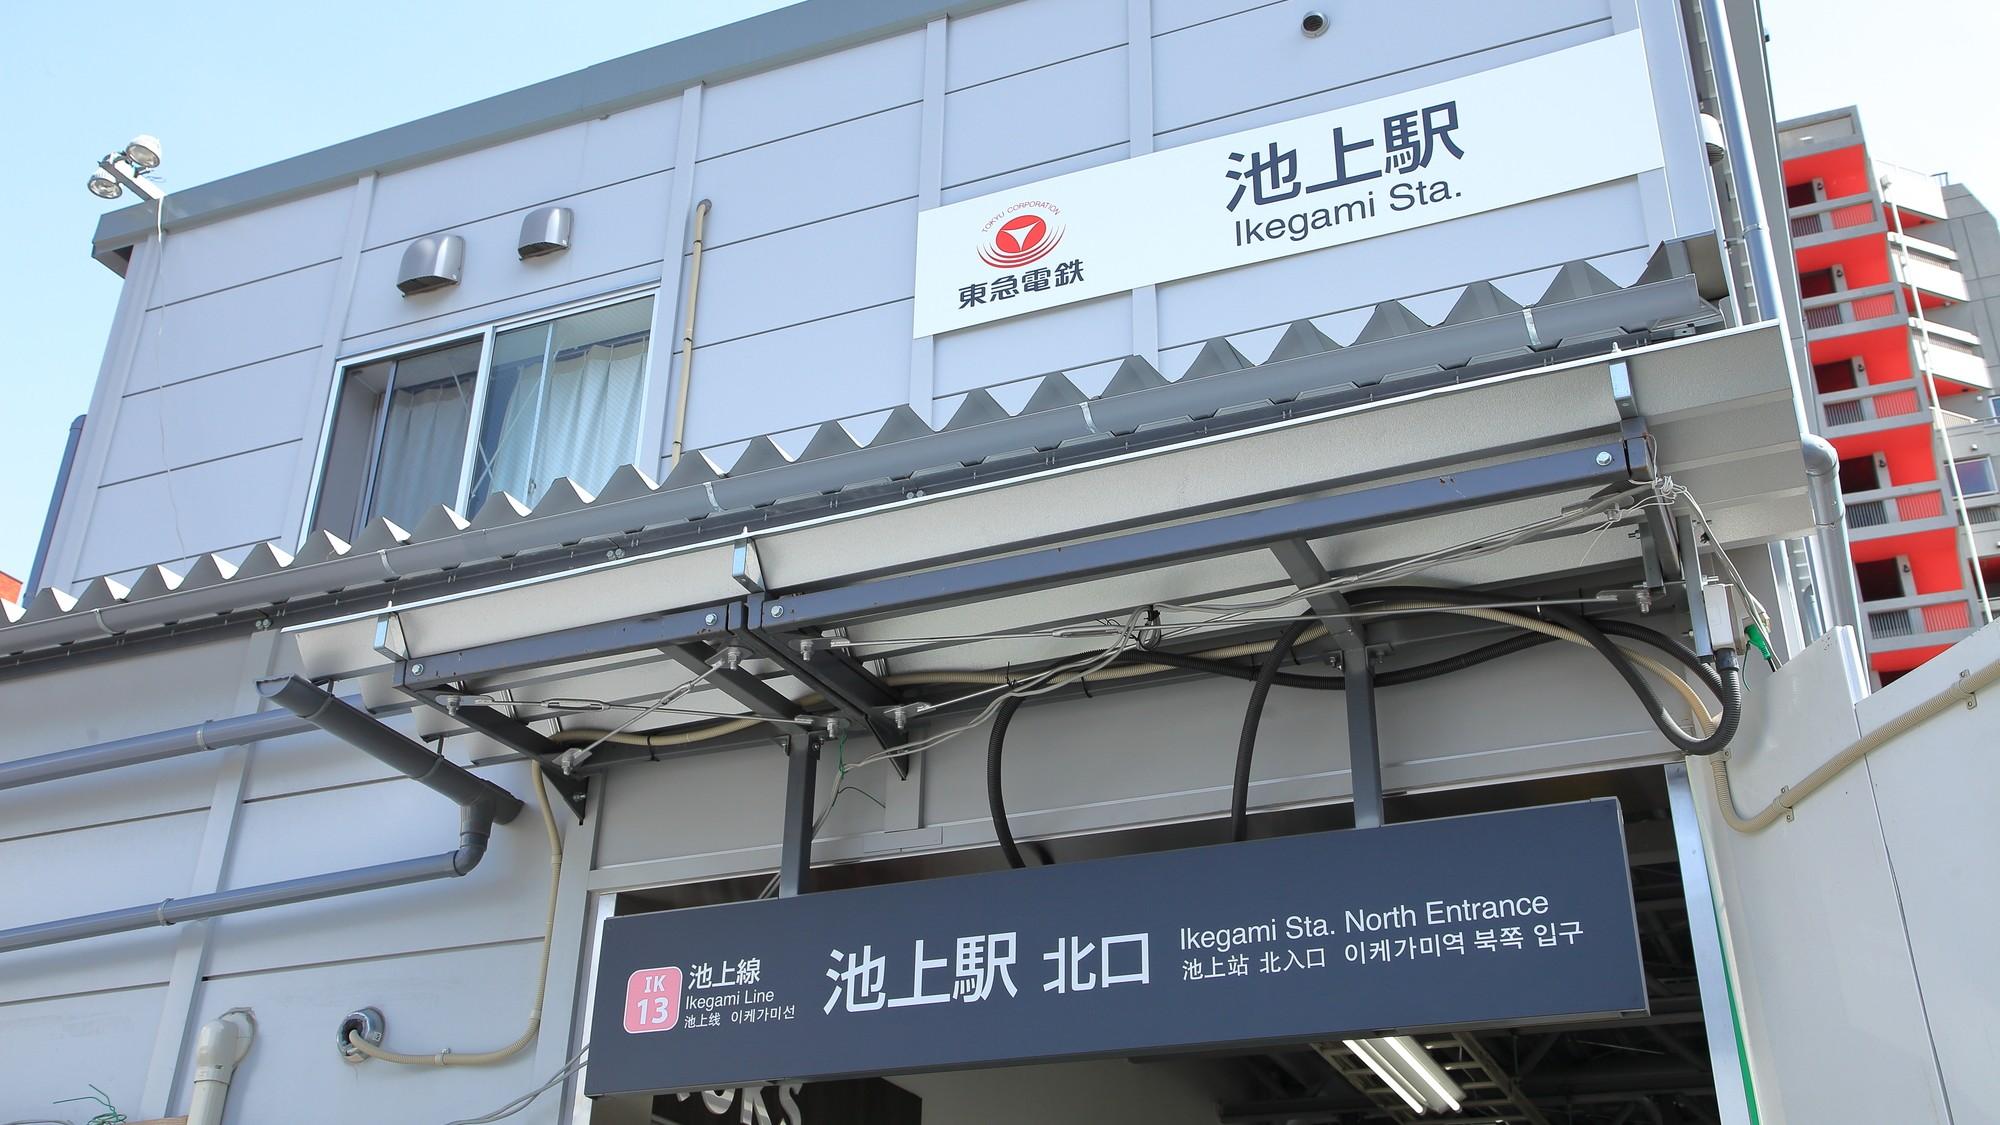 東急池上線「池上」駅に不動産投資家が注目するワケ